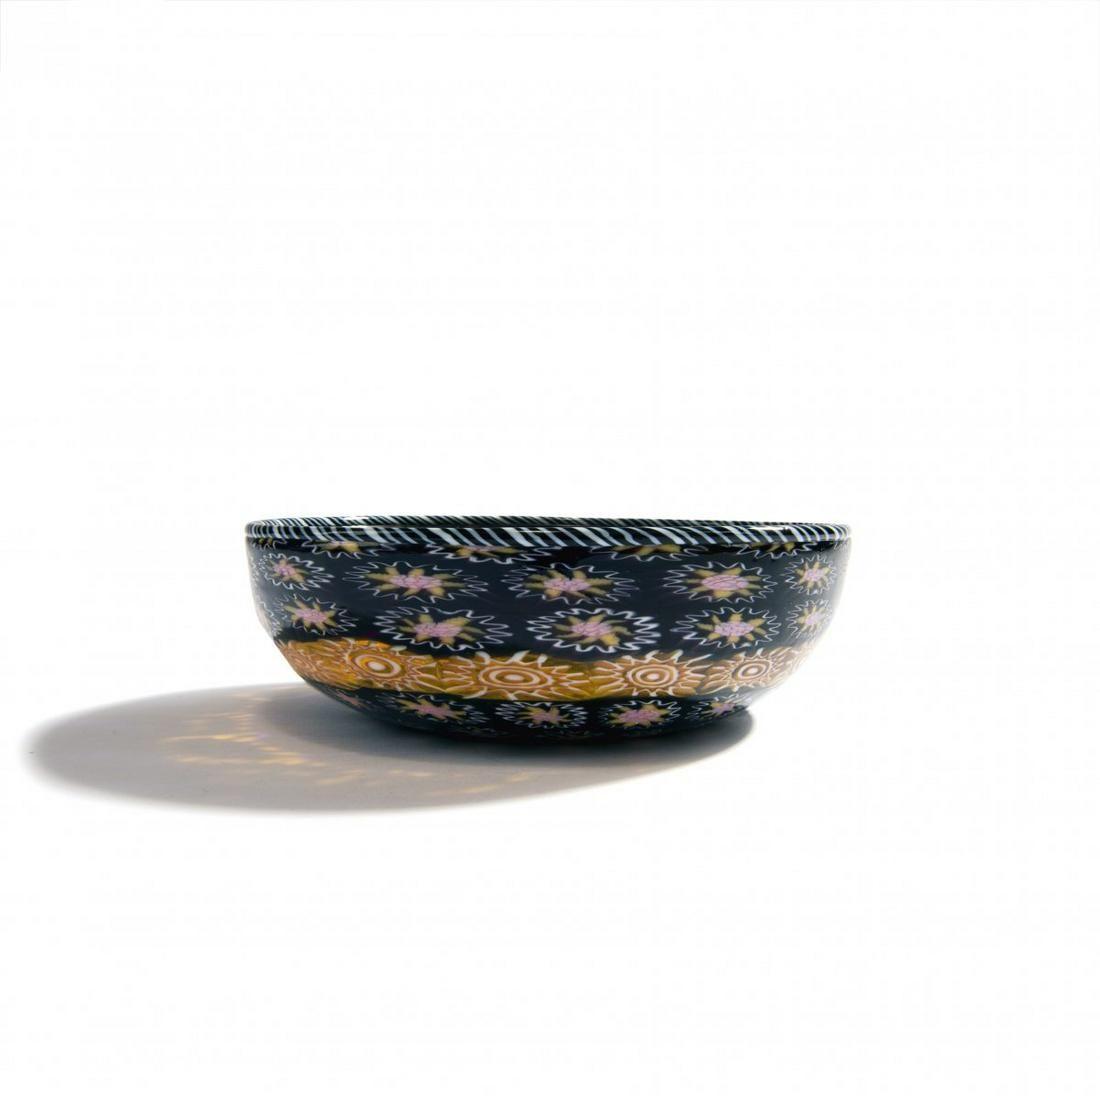 Vincenzo Moretti, 'Murrine' bowl, 1880s